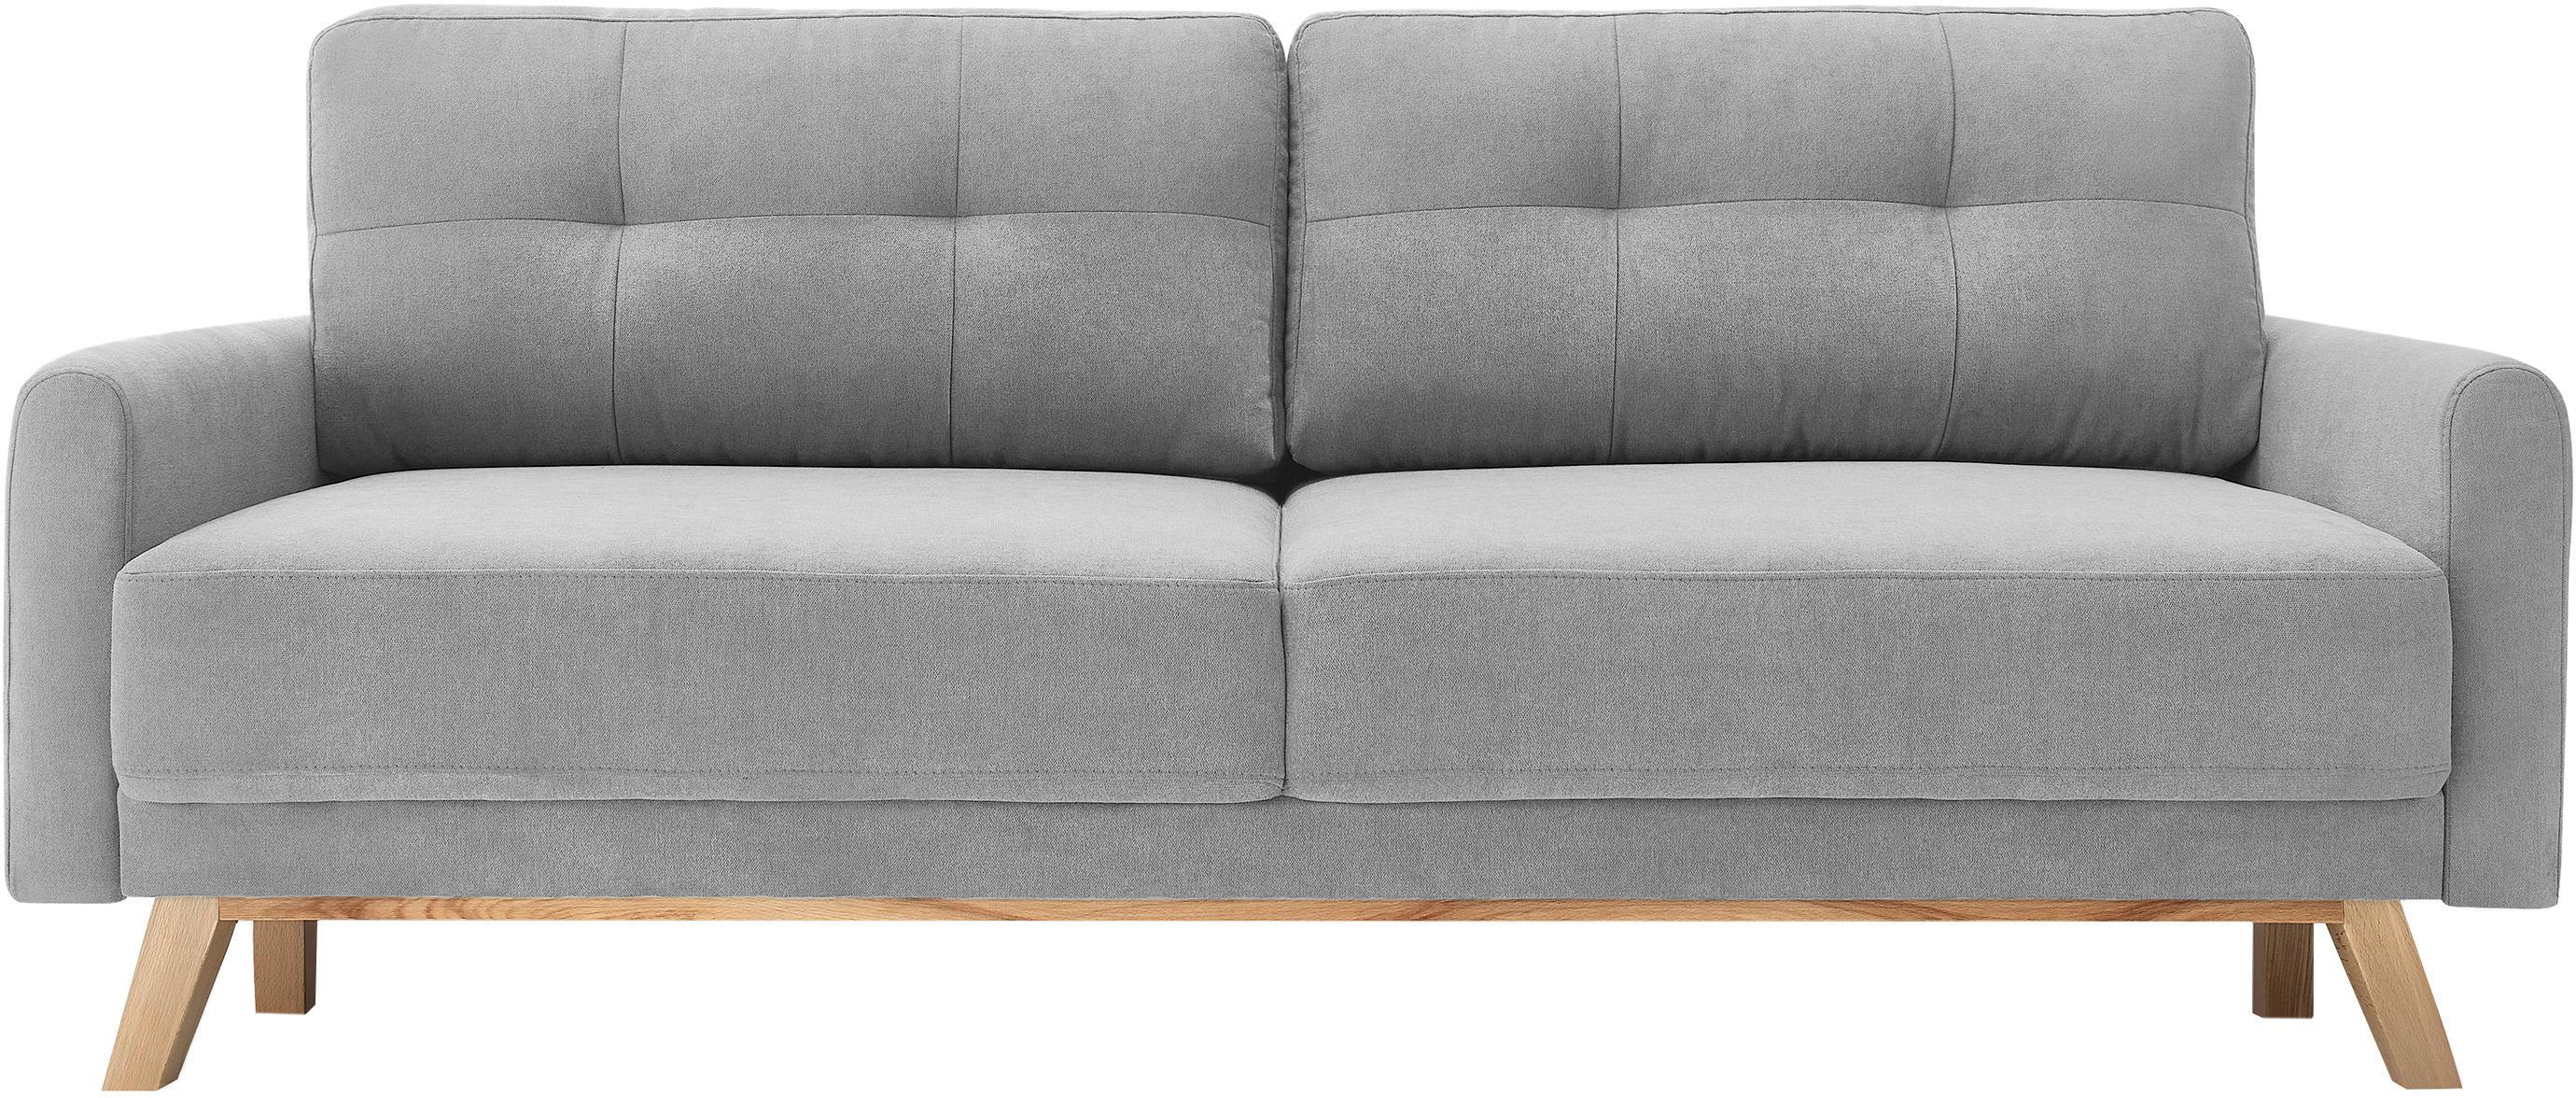 Sofa rozkładana z aksamitu Balio (3-osobowa), Tapicerka: 100% aksamit poliestrowy, Nogi: metal lakierowany, Aksamitny jasny szary, S 216 x G 86 cm